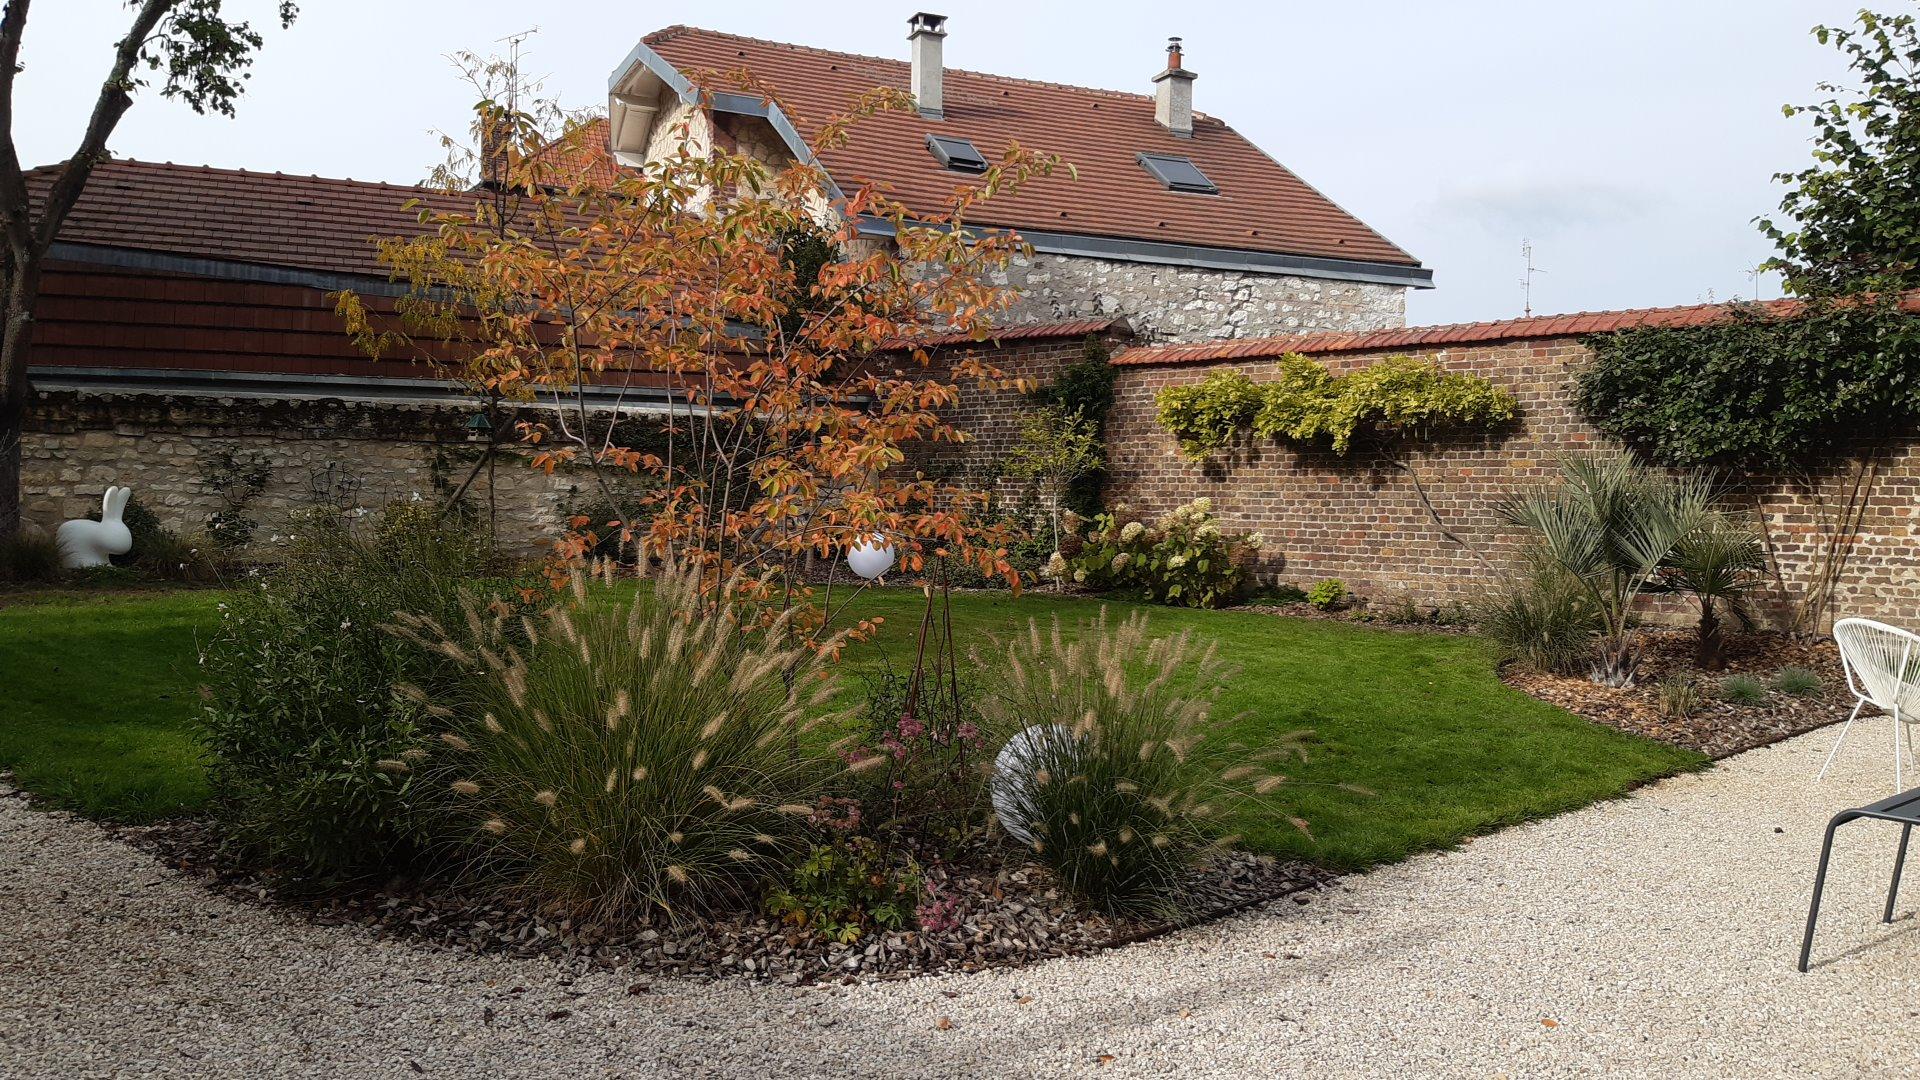 Colver créateur jardin paysagiste oise noyon compiègne plantation aménagement massif paillage plaquettes bois graminée